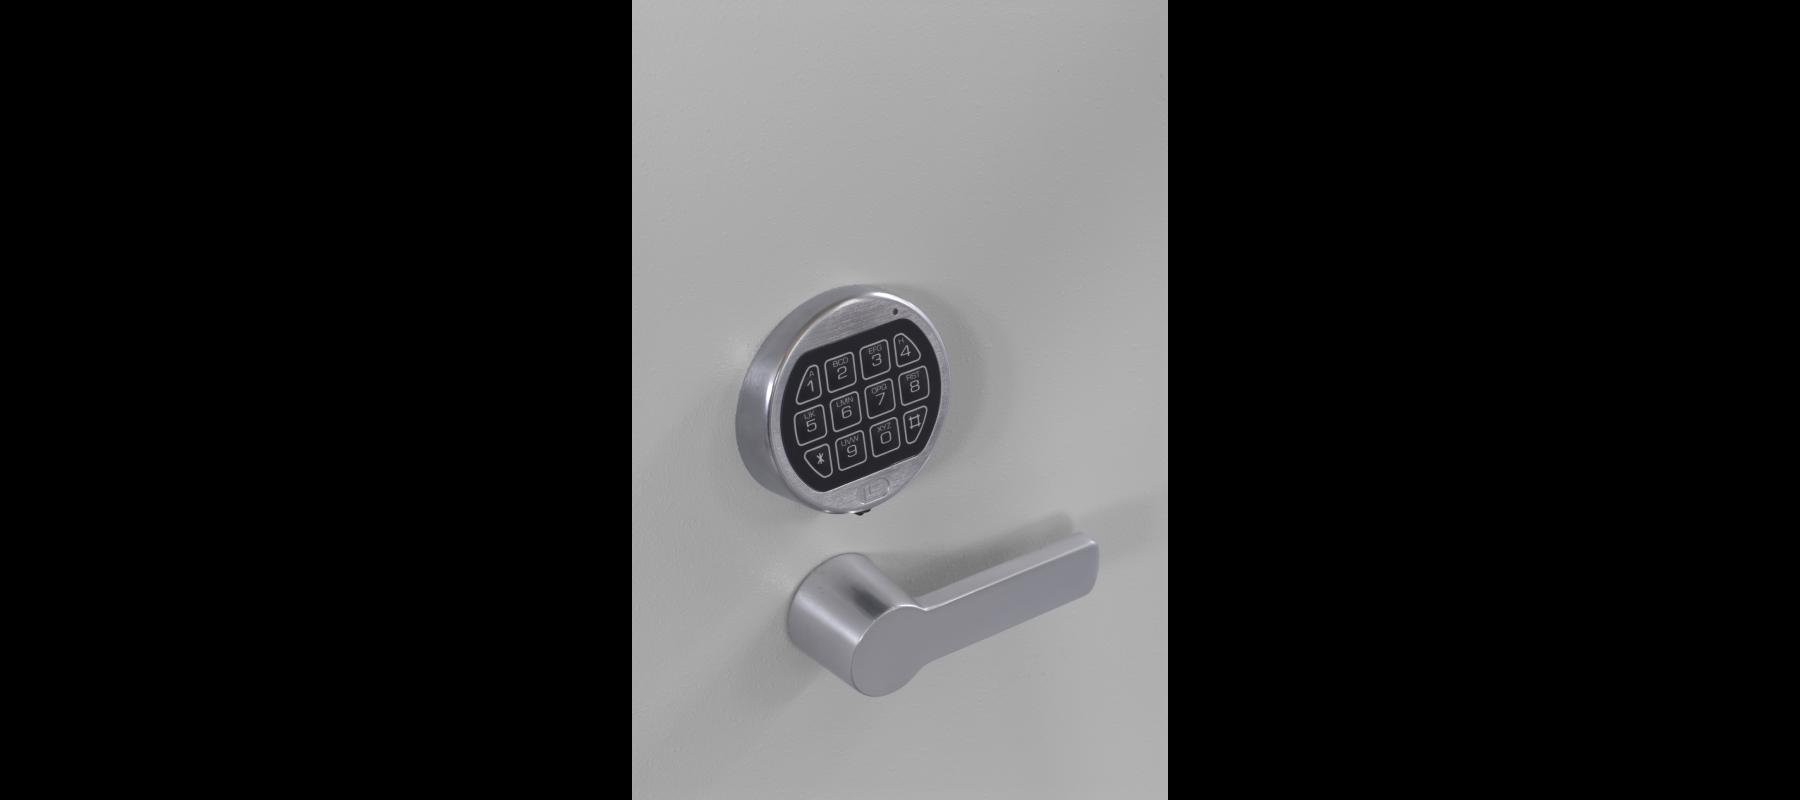 meble metalowe sejfy i szafy pancerne szafy aktowe wzmocnione mw detale - 04